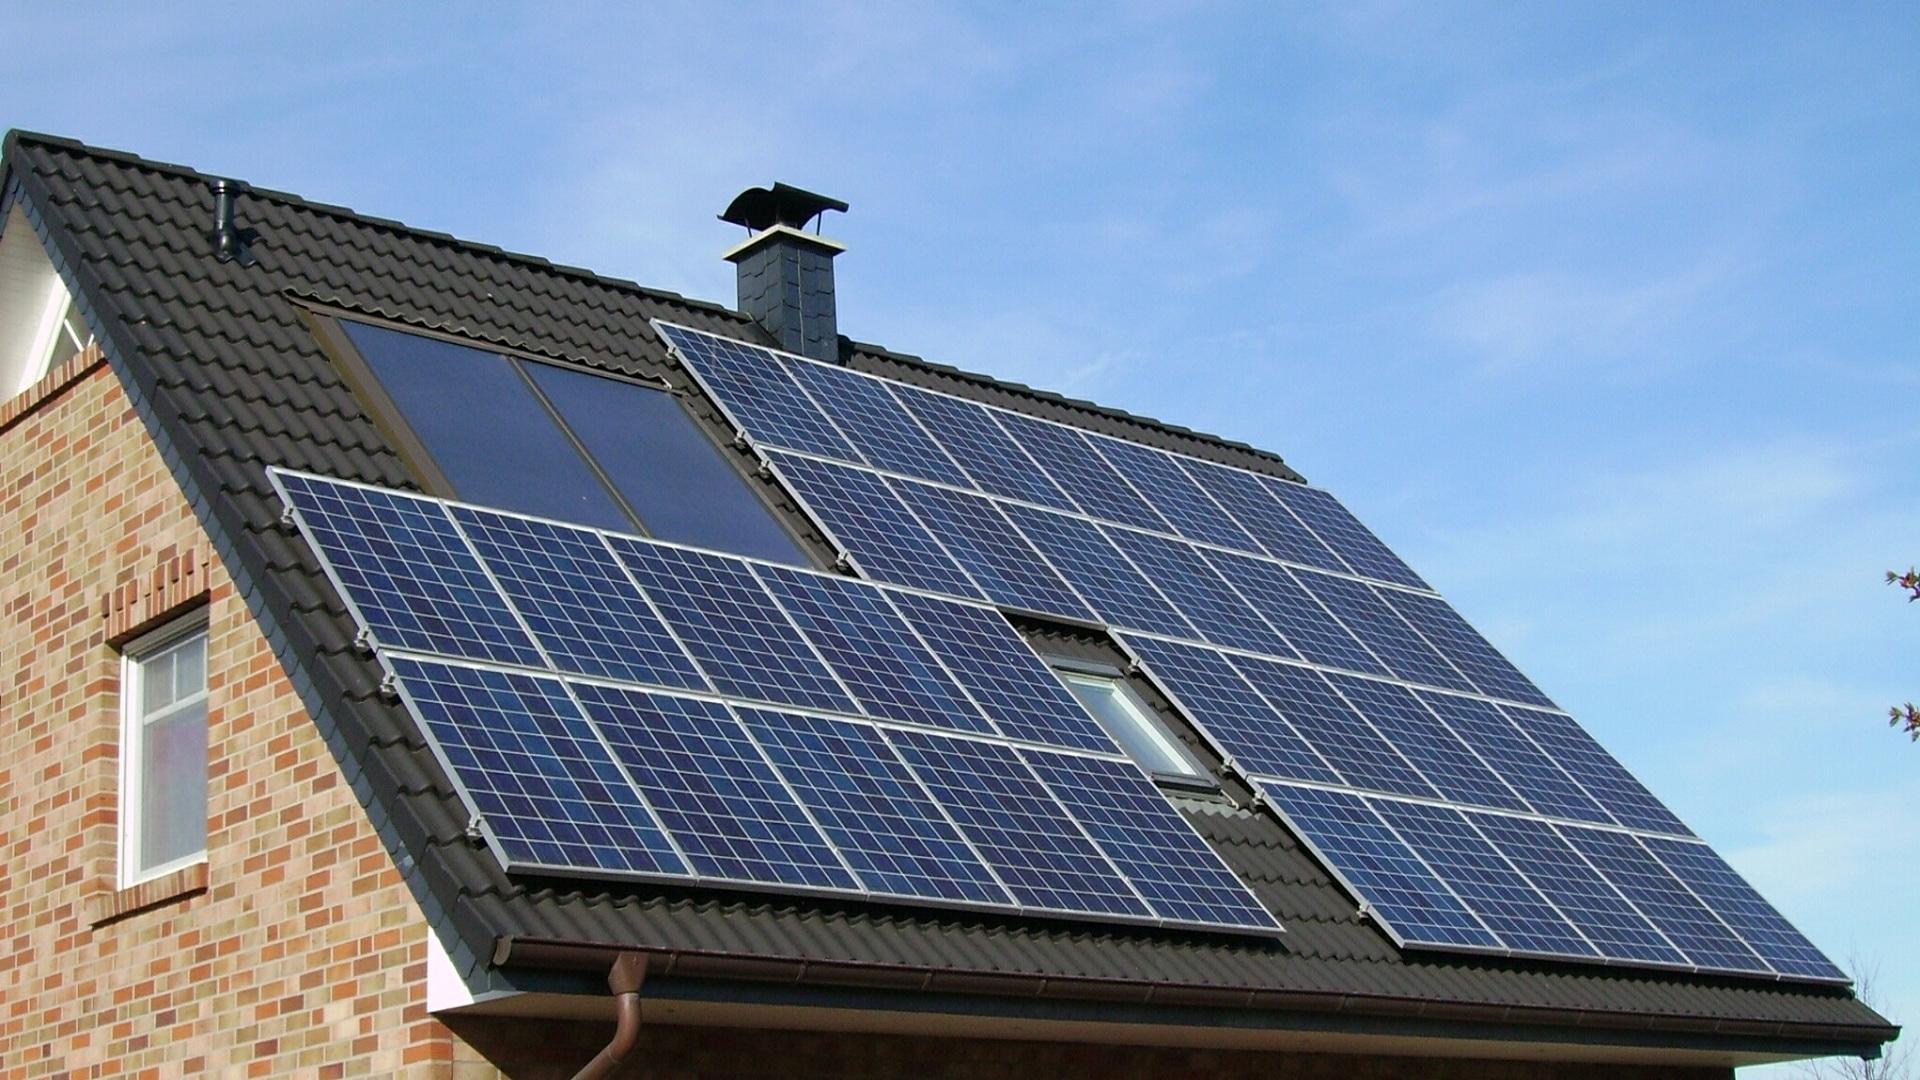 Un proyecto que fomenta y facilita el autoconsumo energetico1920